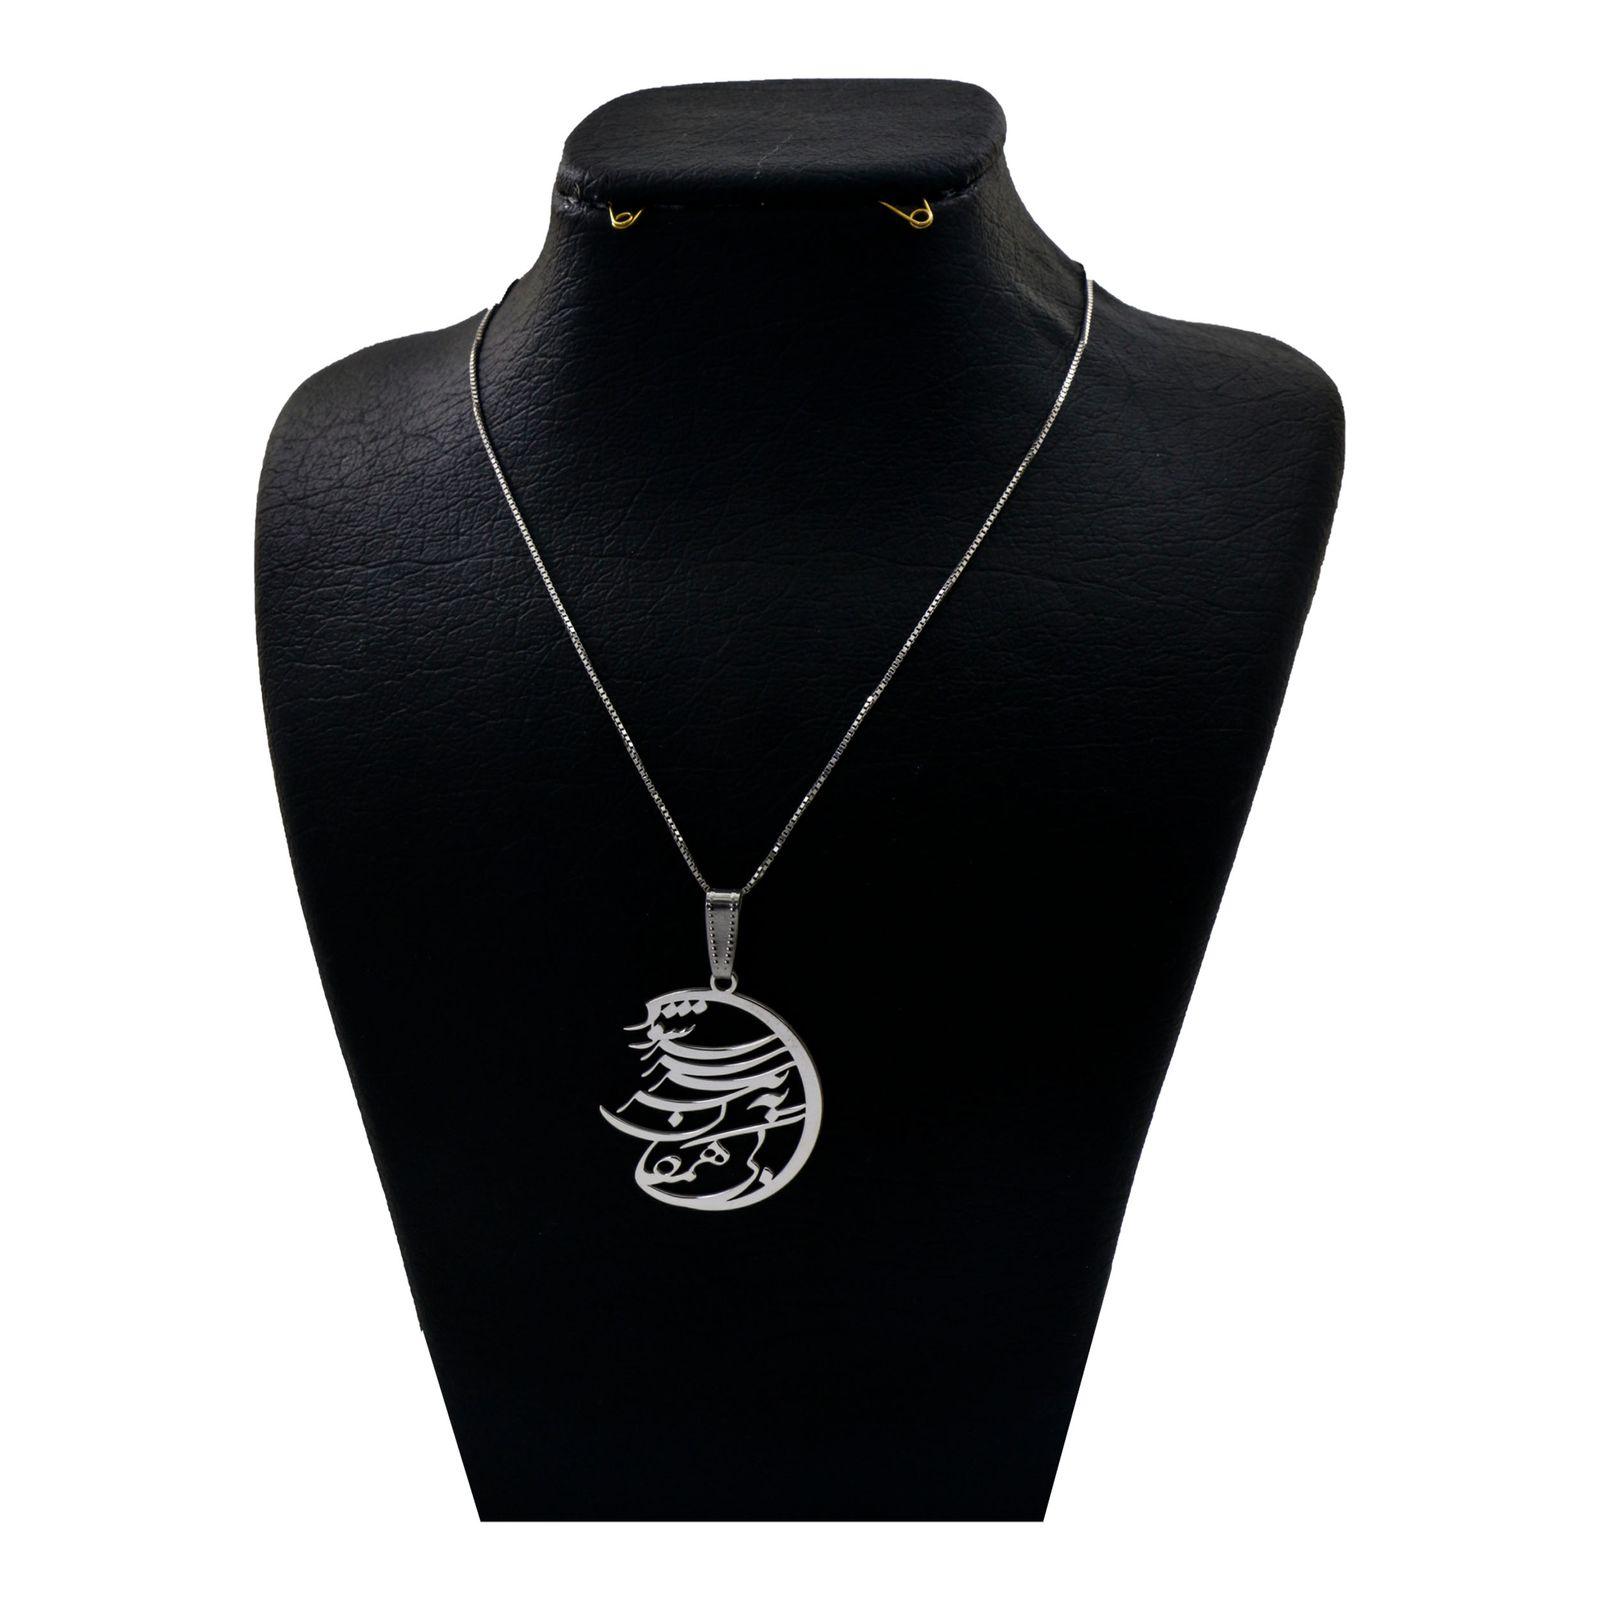 گردنبند نقره زنانه دلی جم طرح بی همگانی به سر شود کد D 93 -  - 2